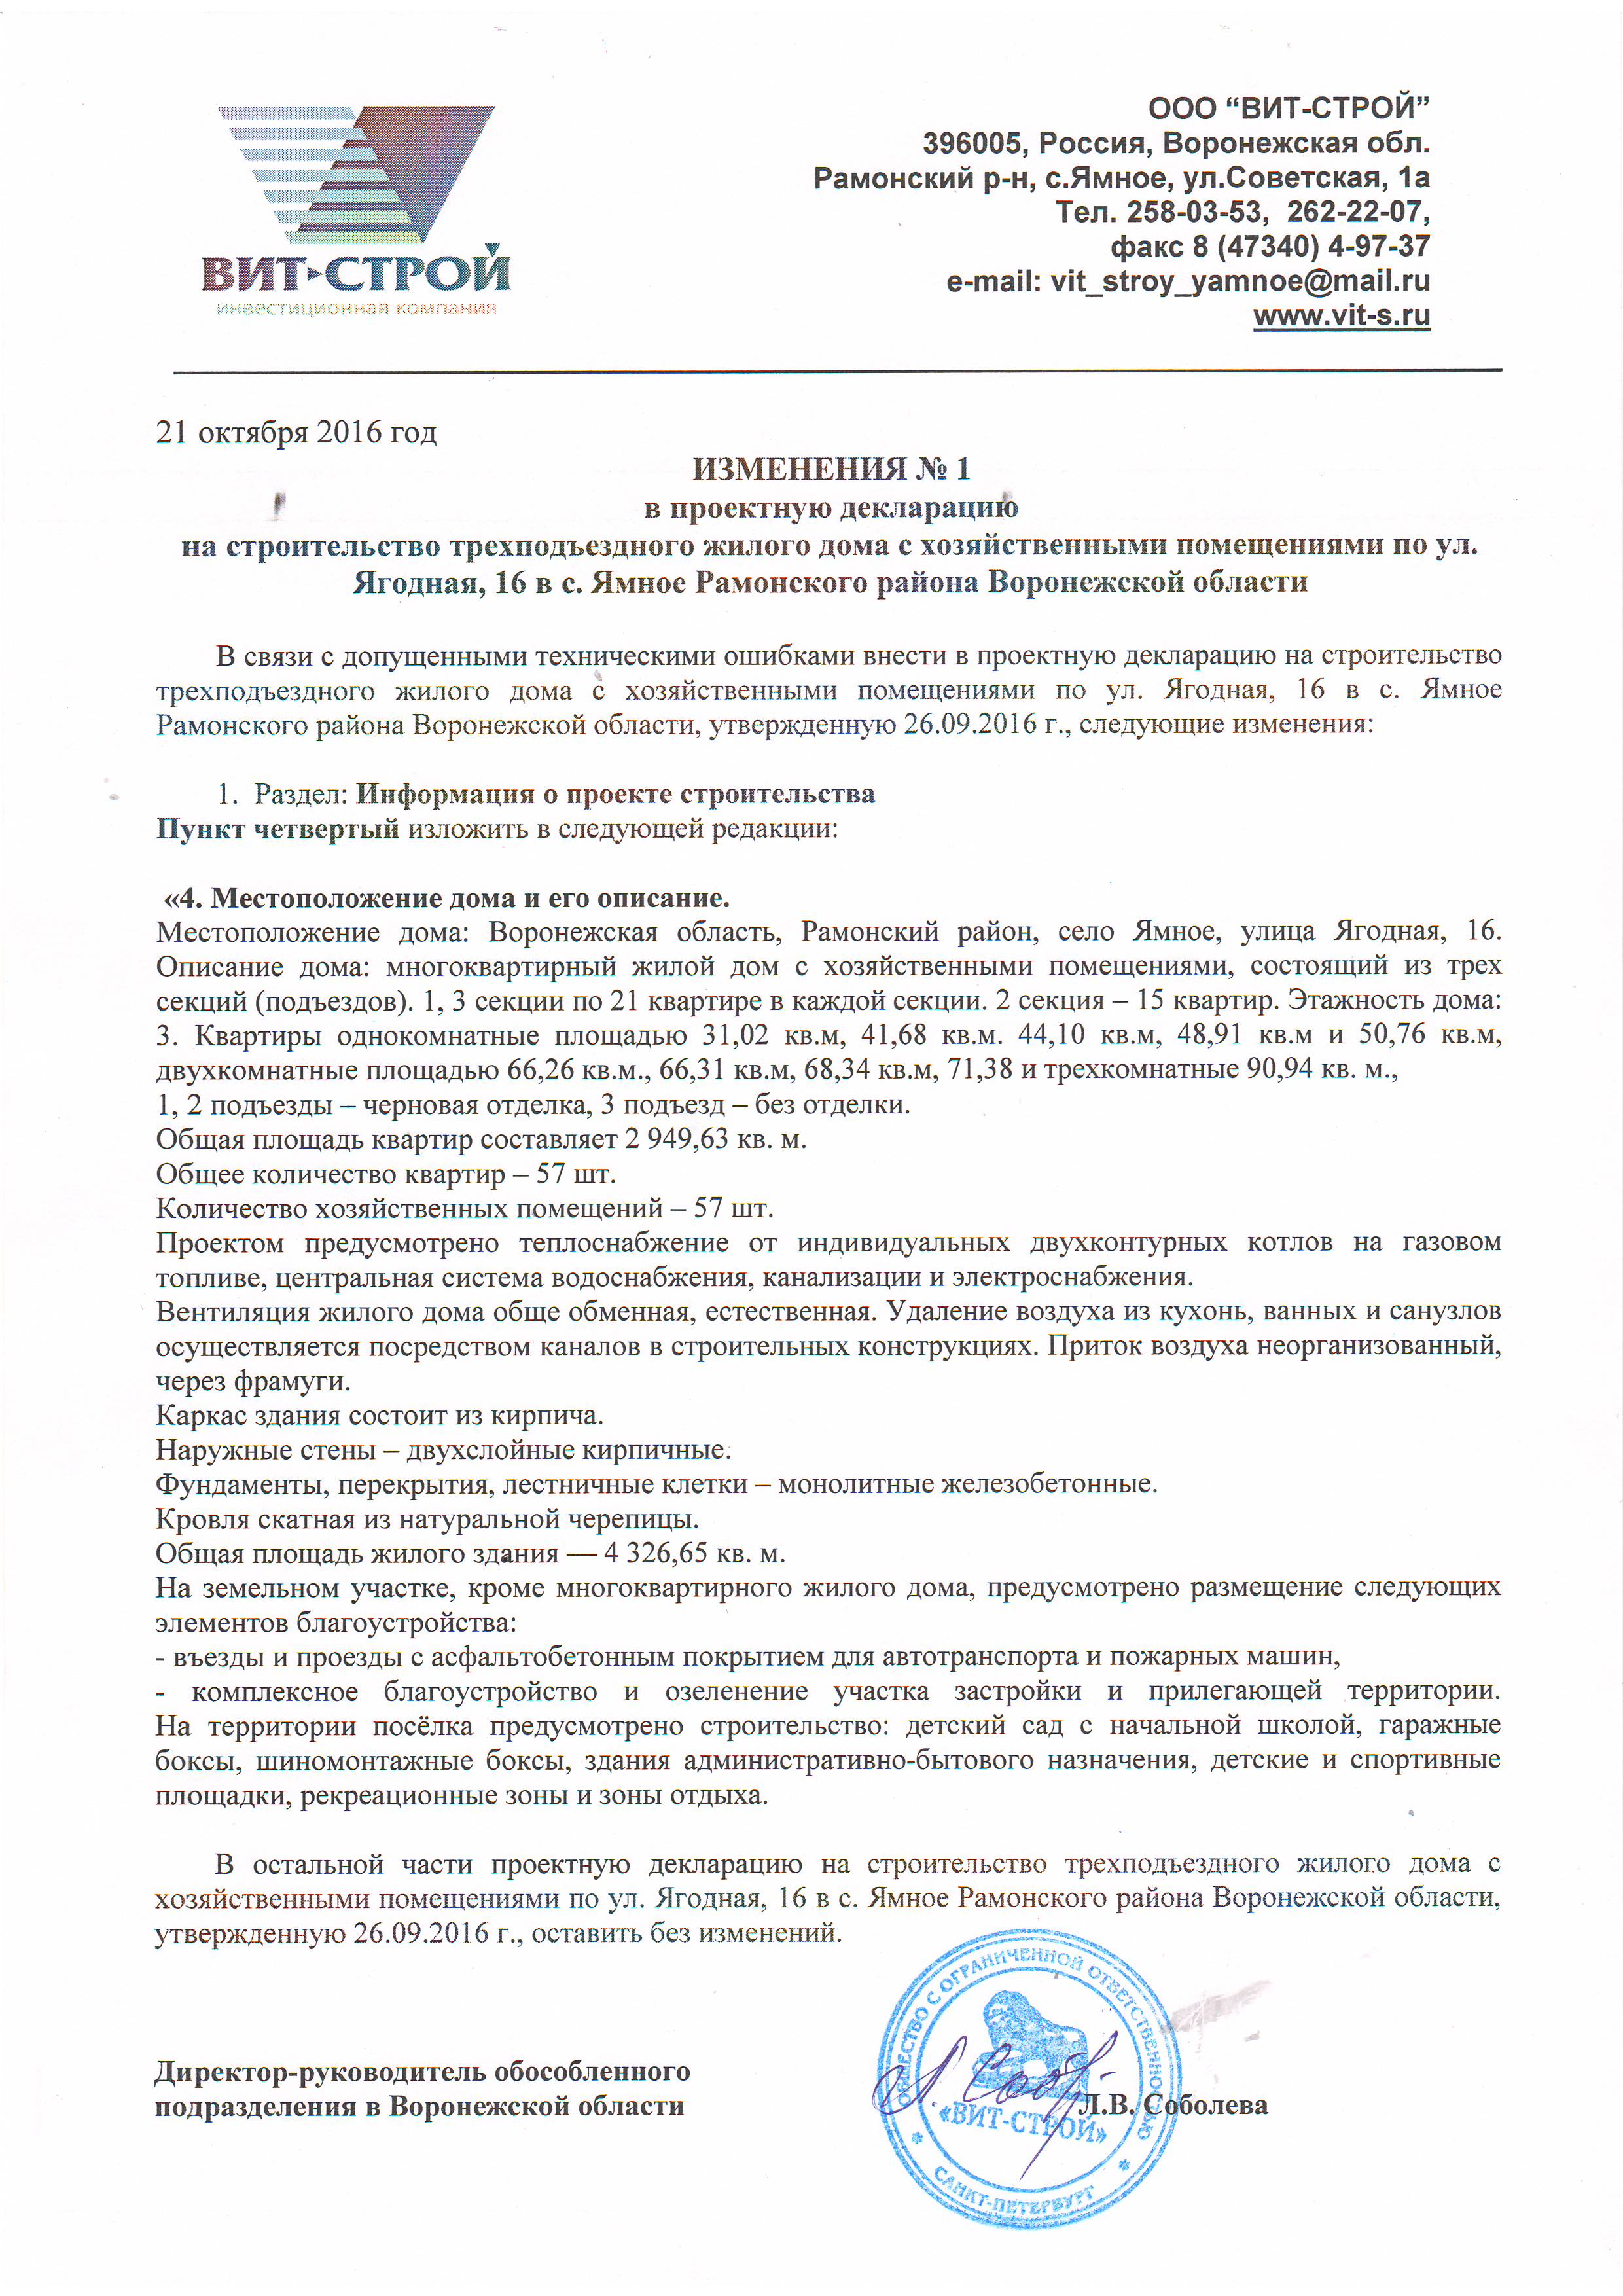 Изменения в проектную декларацию